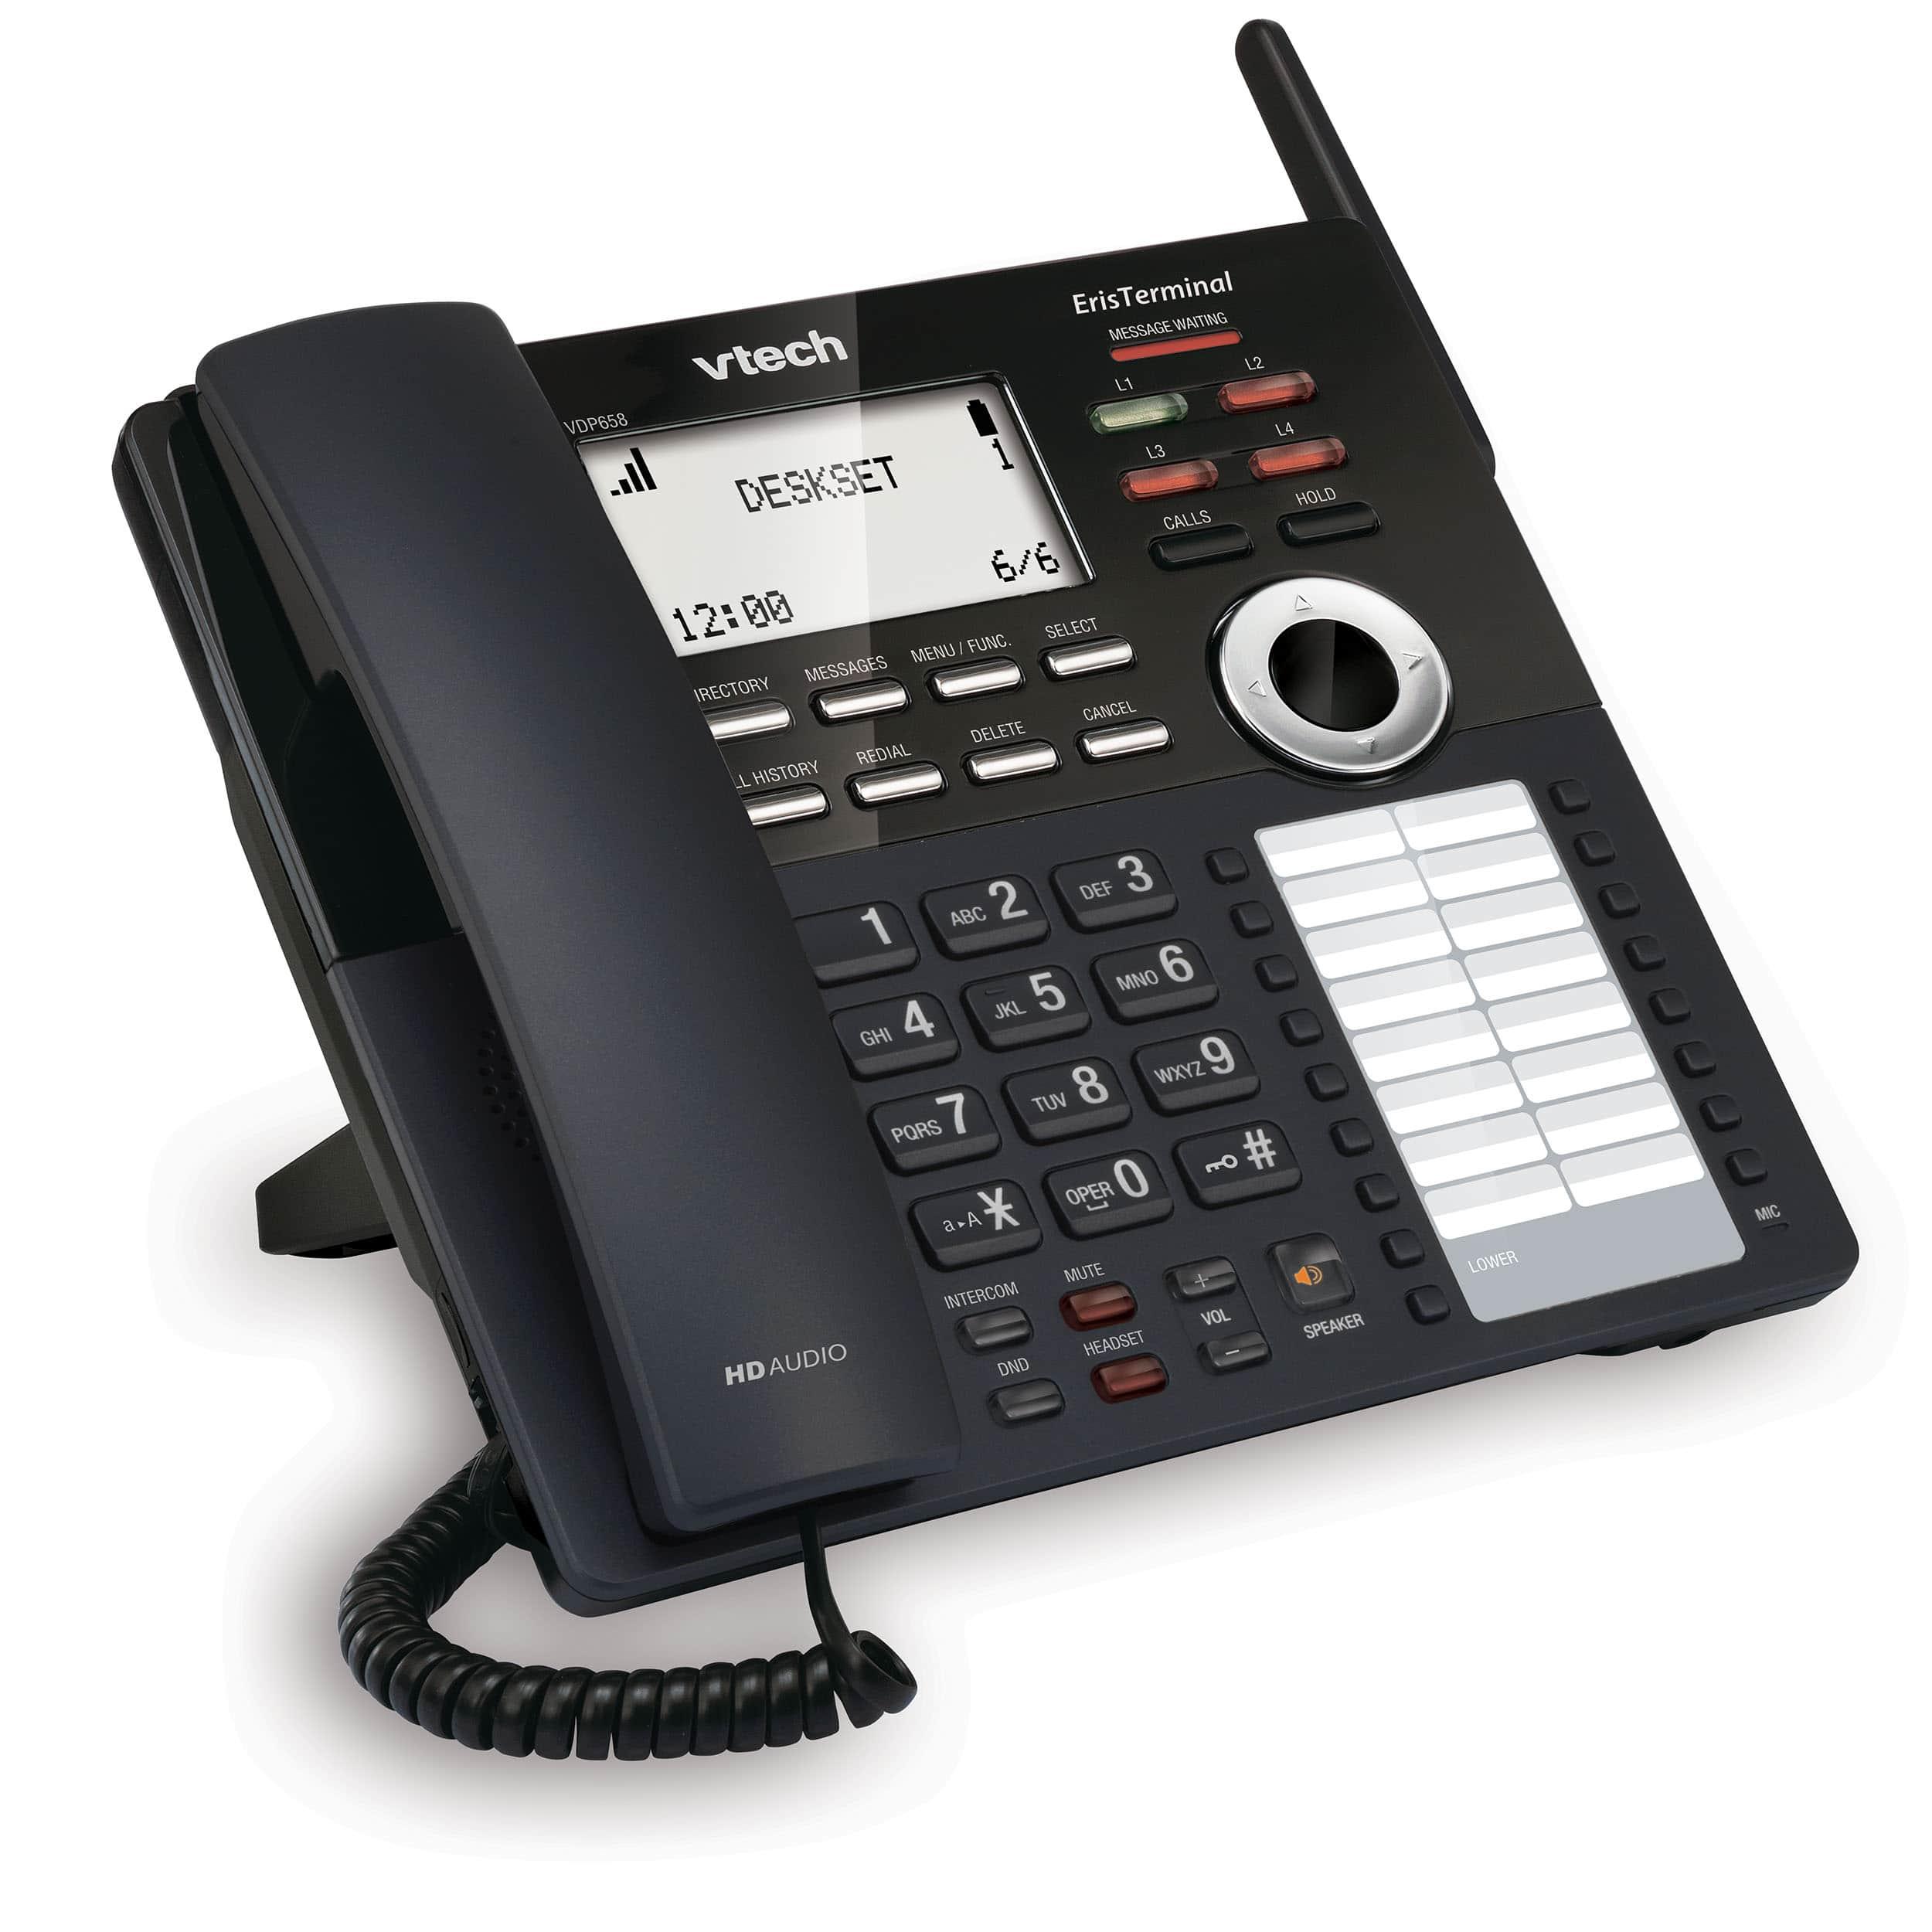 Eristerminal Sip Dect Cordless 4 Line Deskset Vtech Business Phones Wireless Intercom Ac Power Systems Up To 1000 Next